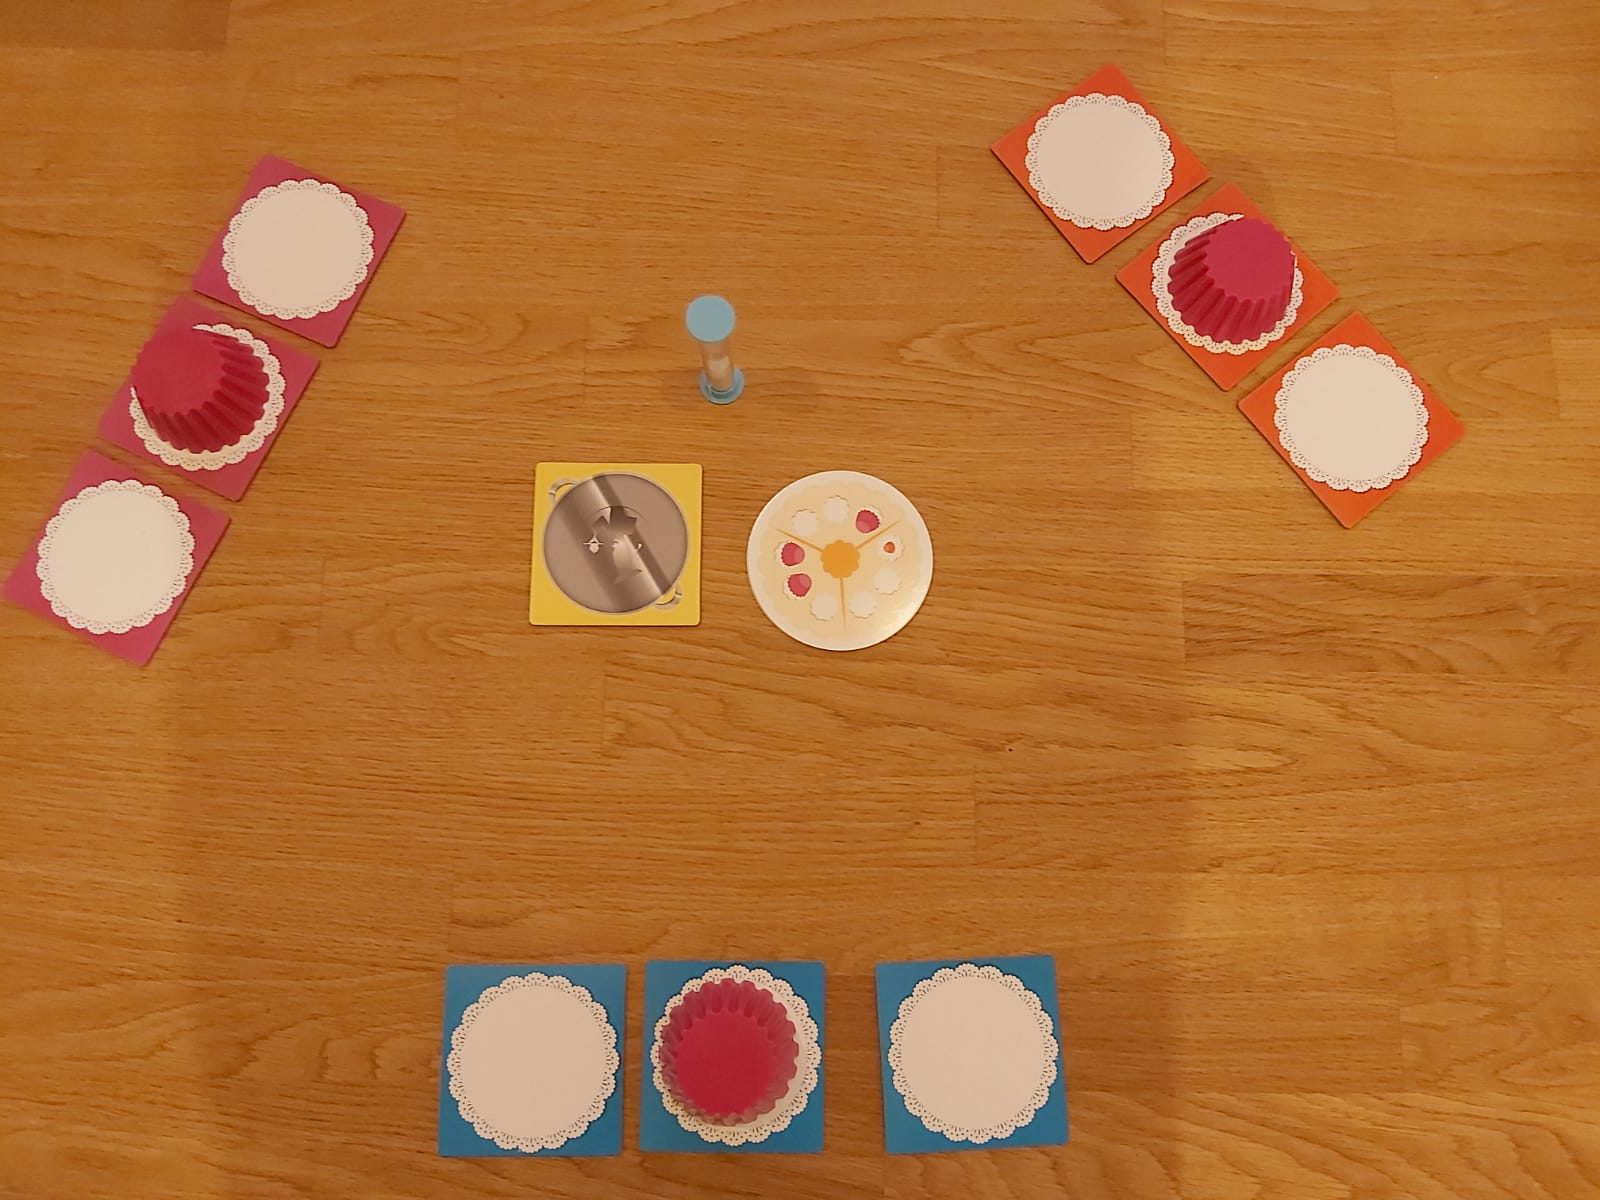 Zu sehen ist der Spielaufbau für 3 Spieler:innen